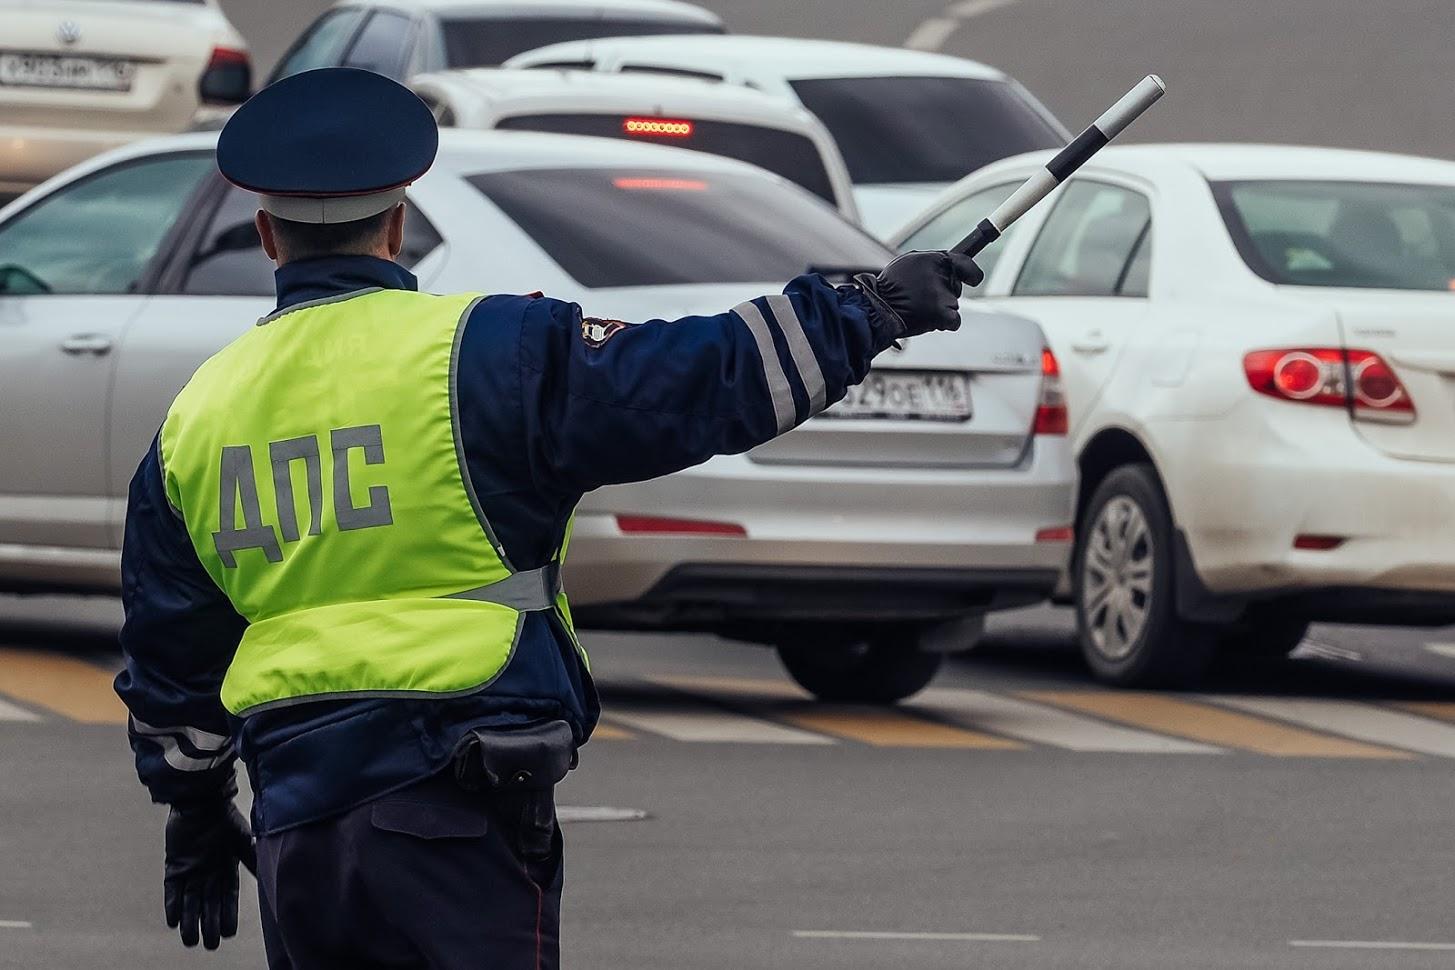 Неплательщиков штрафов начали ловить на дорогах